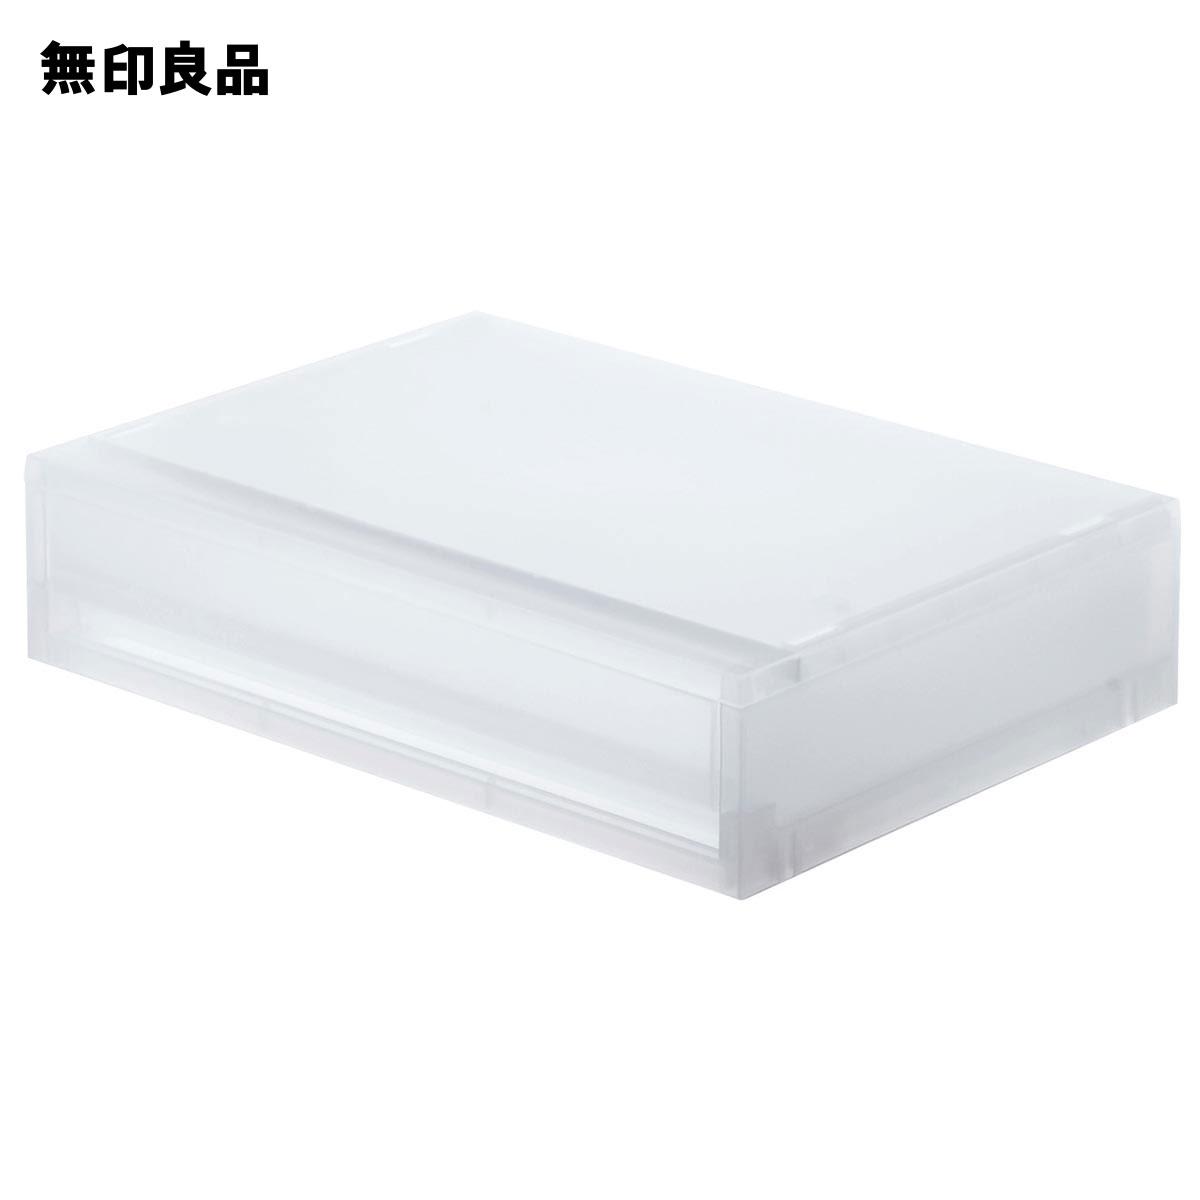 無印良品 ポリプロピレンケース引出式・横ワイド・薄型 幅37×奥行26×高さ9cm